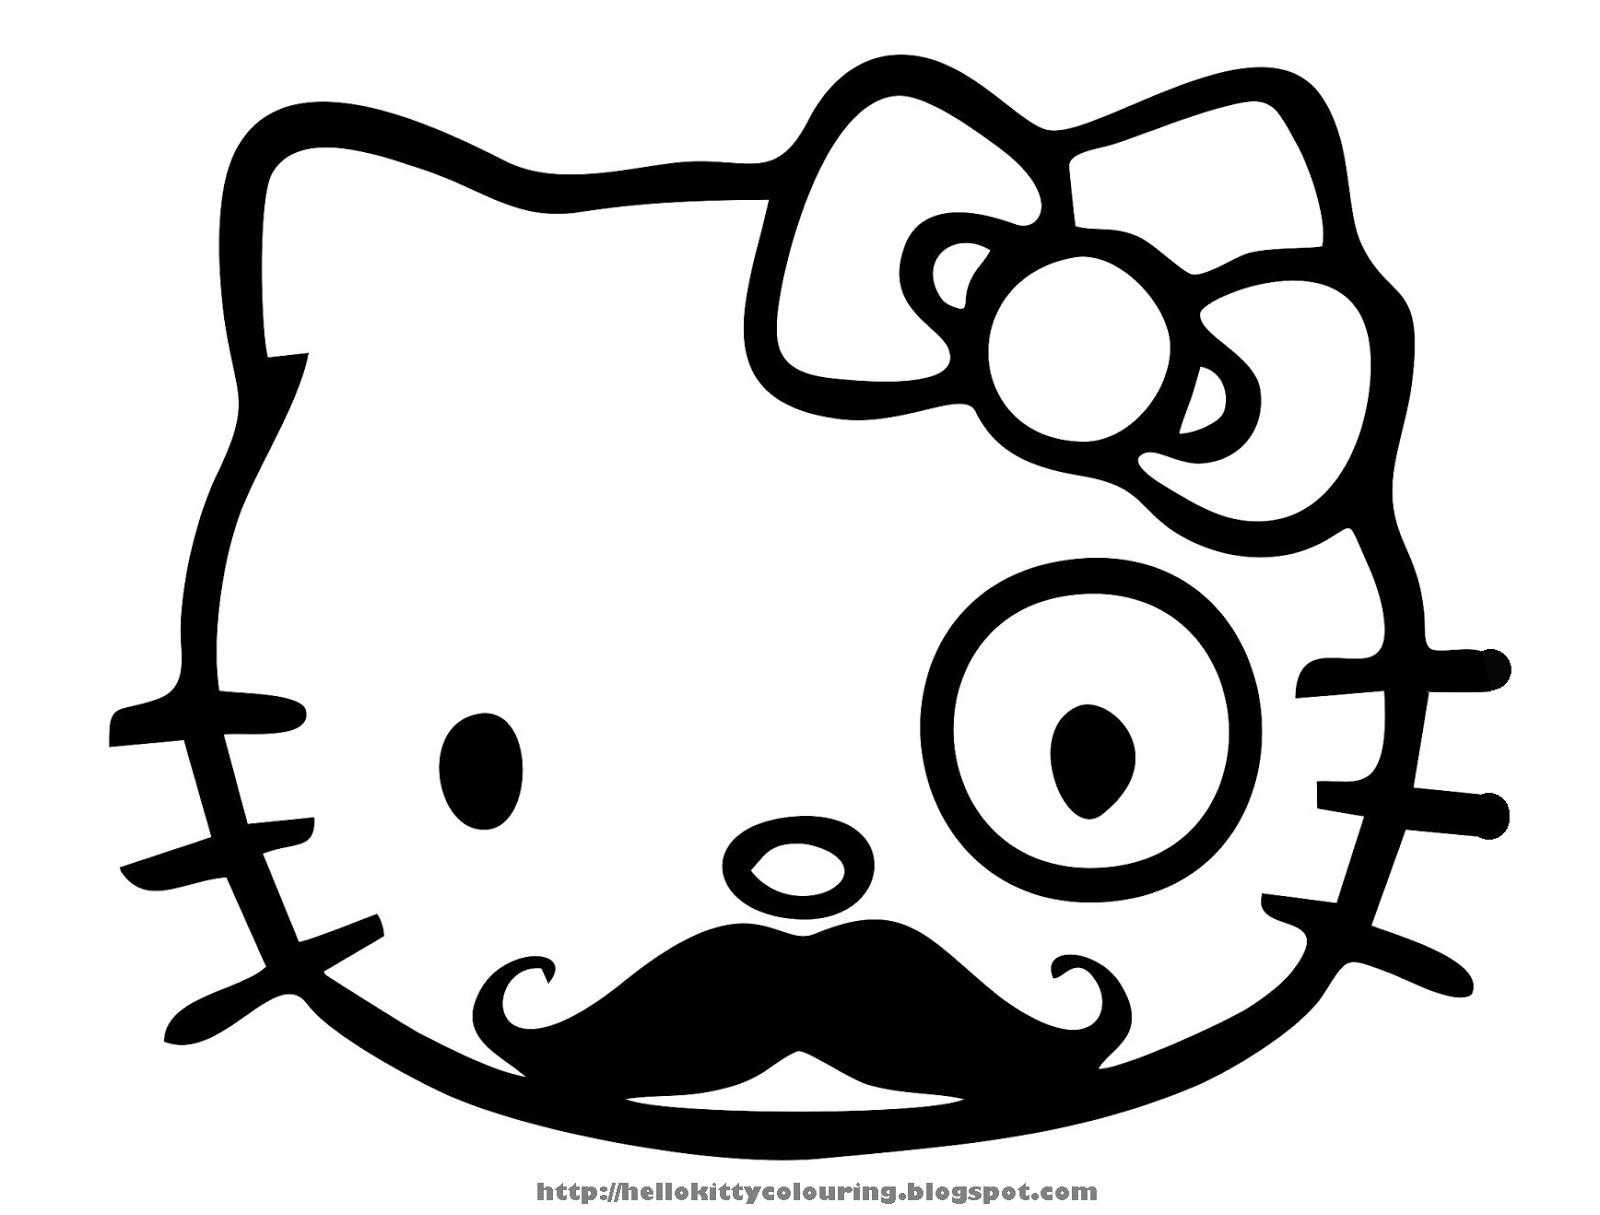 coloriage gratuit hello kitty - Jeu Jeu de coloriage Hello Kitty gratuit Jeux fille